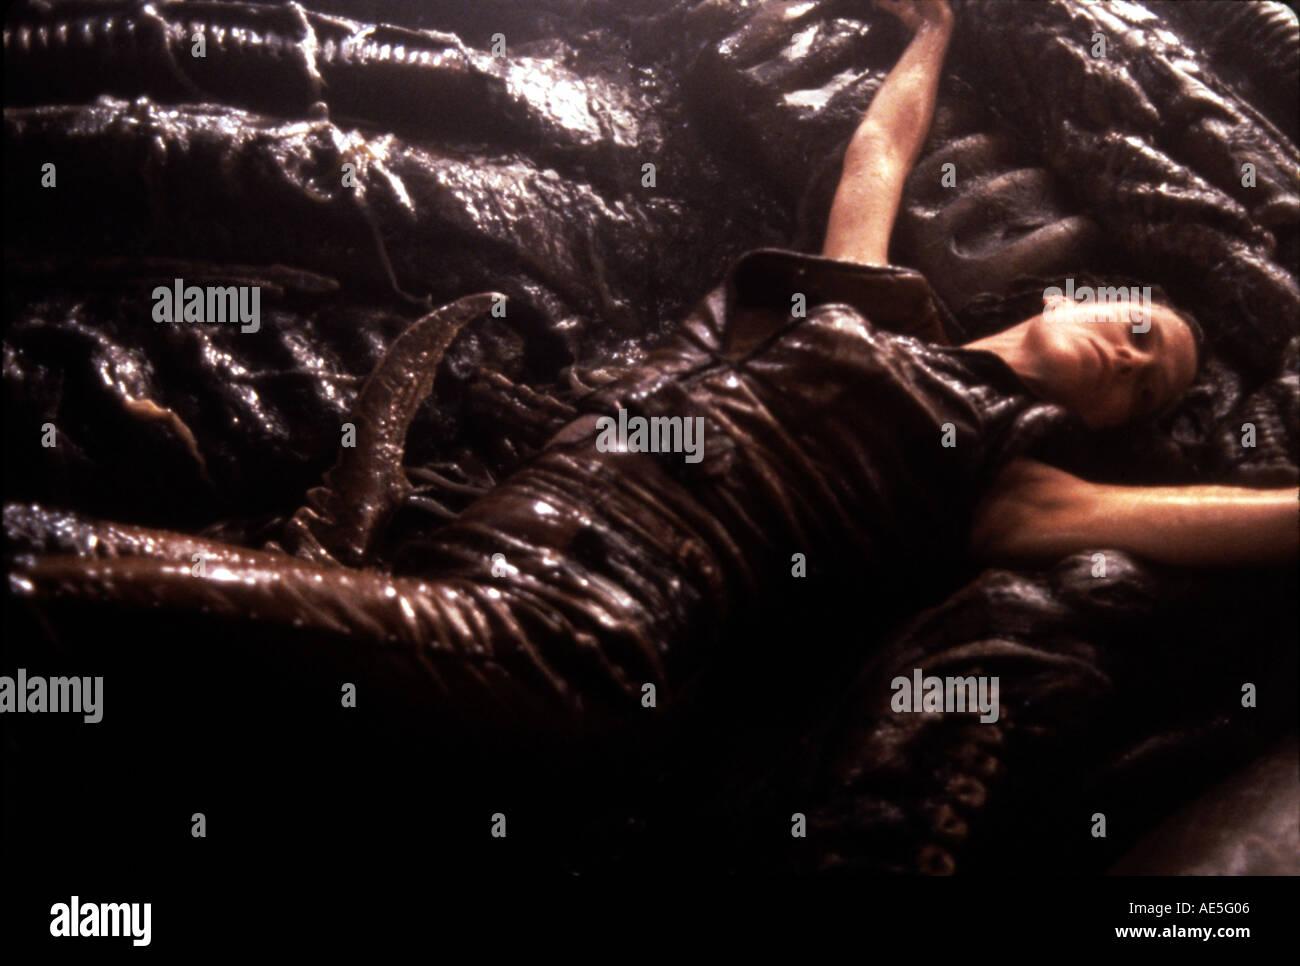 Download Film Alien Resurrection 1997